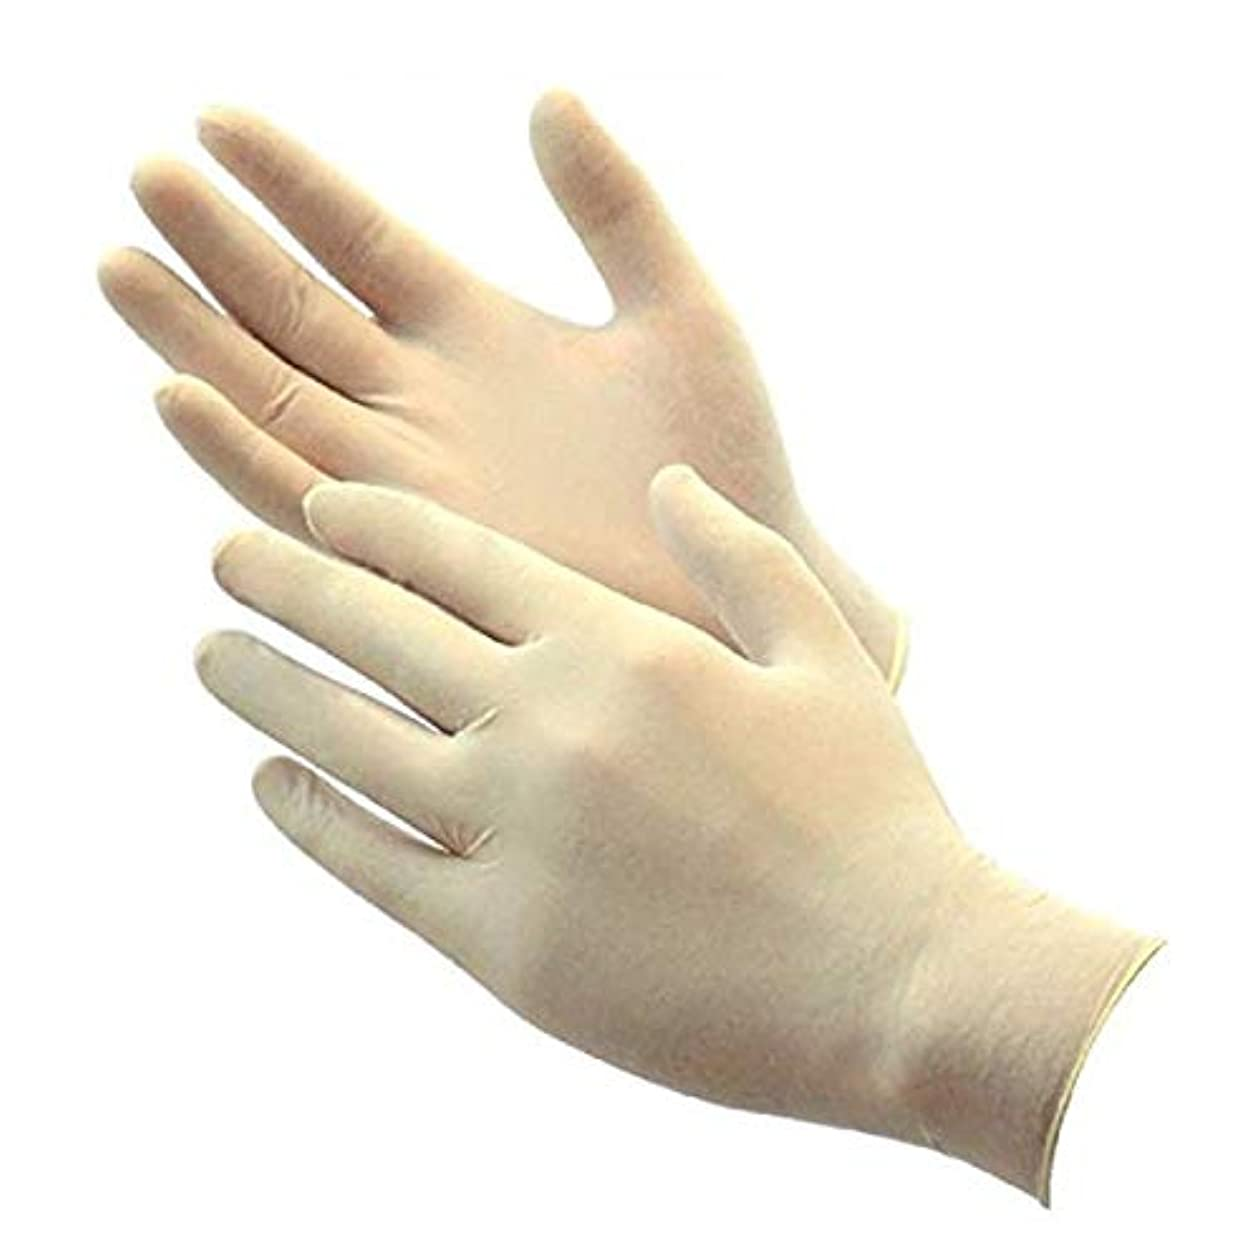 お別れアクセント美人高品質ラテックス手袋(クリーンパック)100枚入り (L)